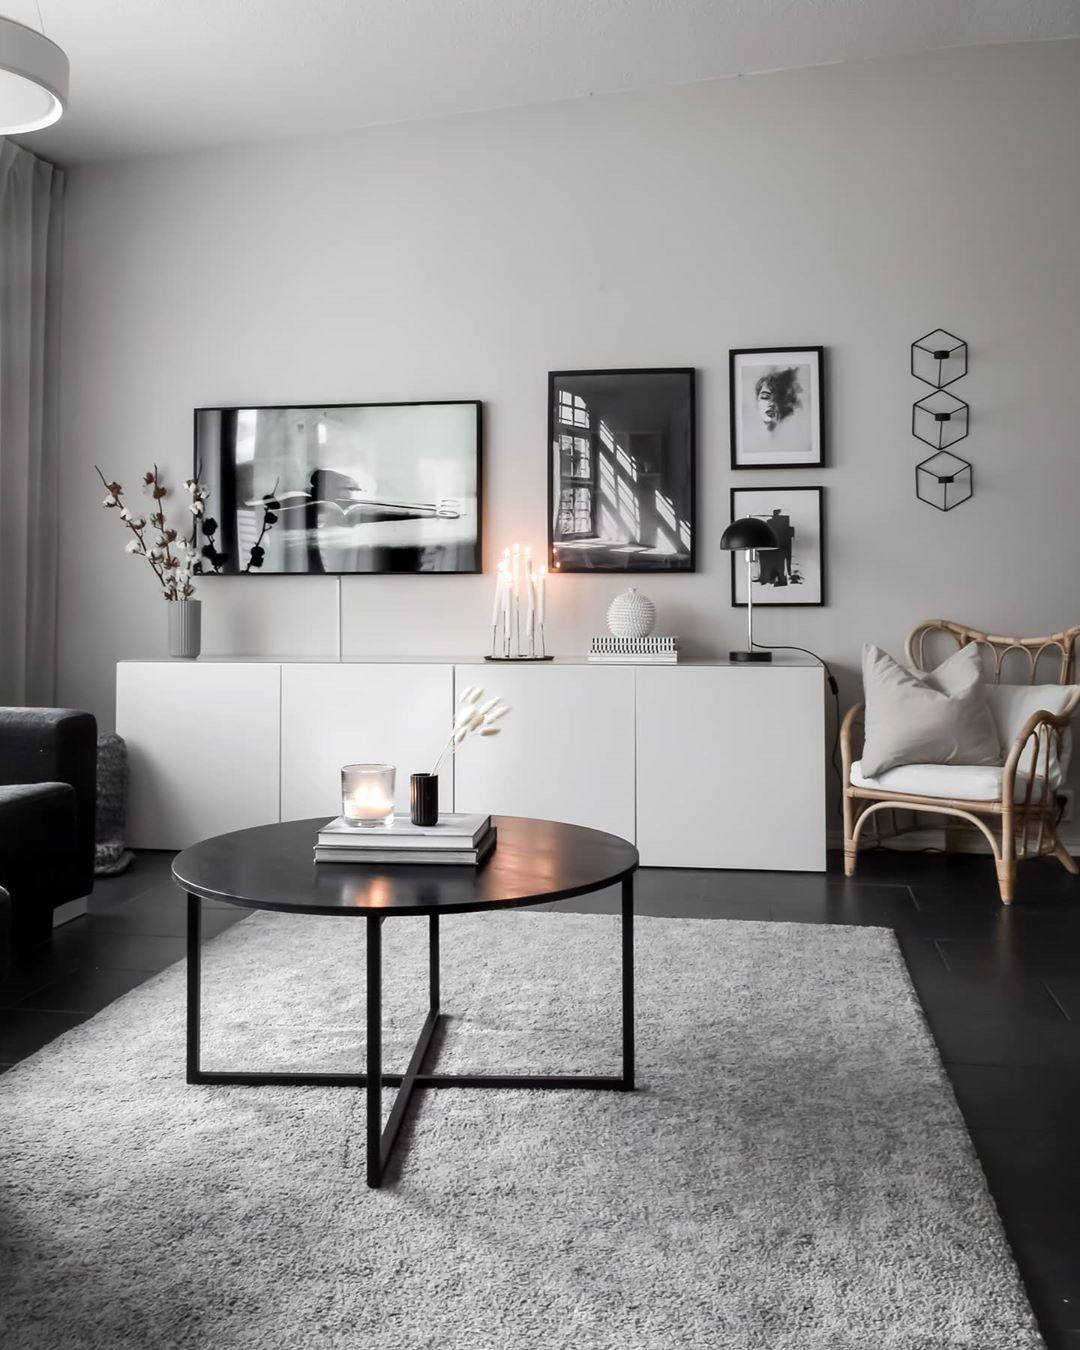 """Interior/Scandi/home on Instagram: """"Toivottavasti teillä ollut mukava viikonloppu🥰 Täällä ollut oikein mukava ja rauhallinen viikonloppu, ollaan vaan oltu kotosalla ja tehty…"""""""